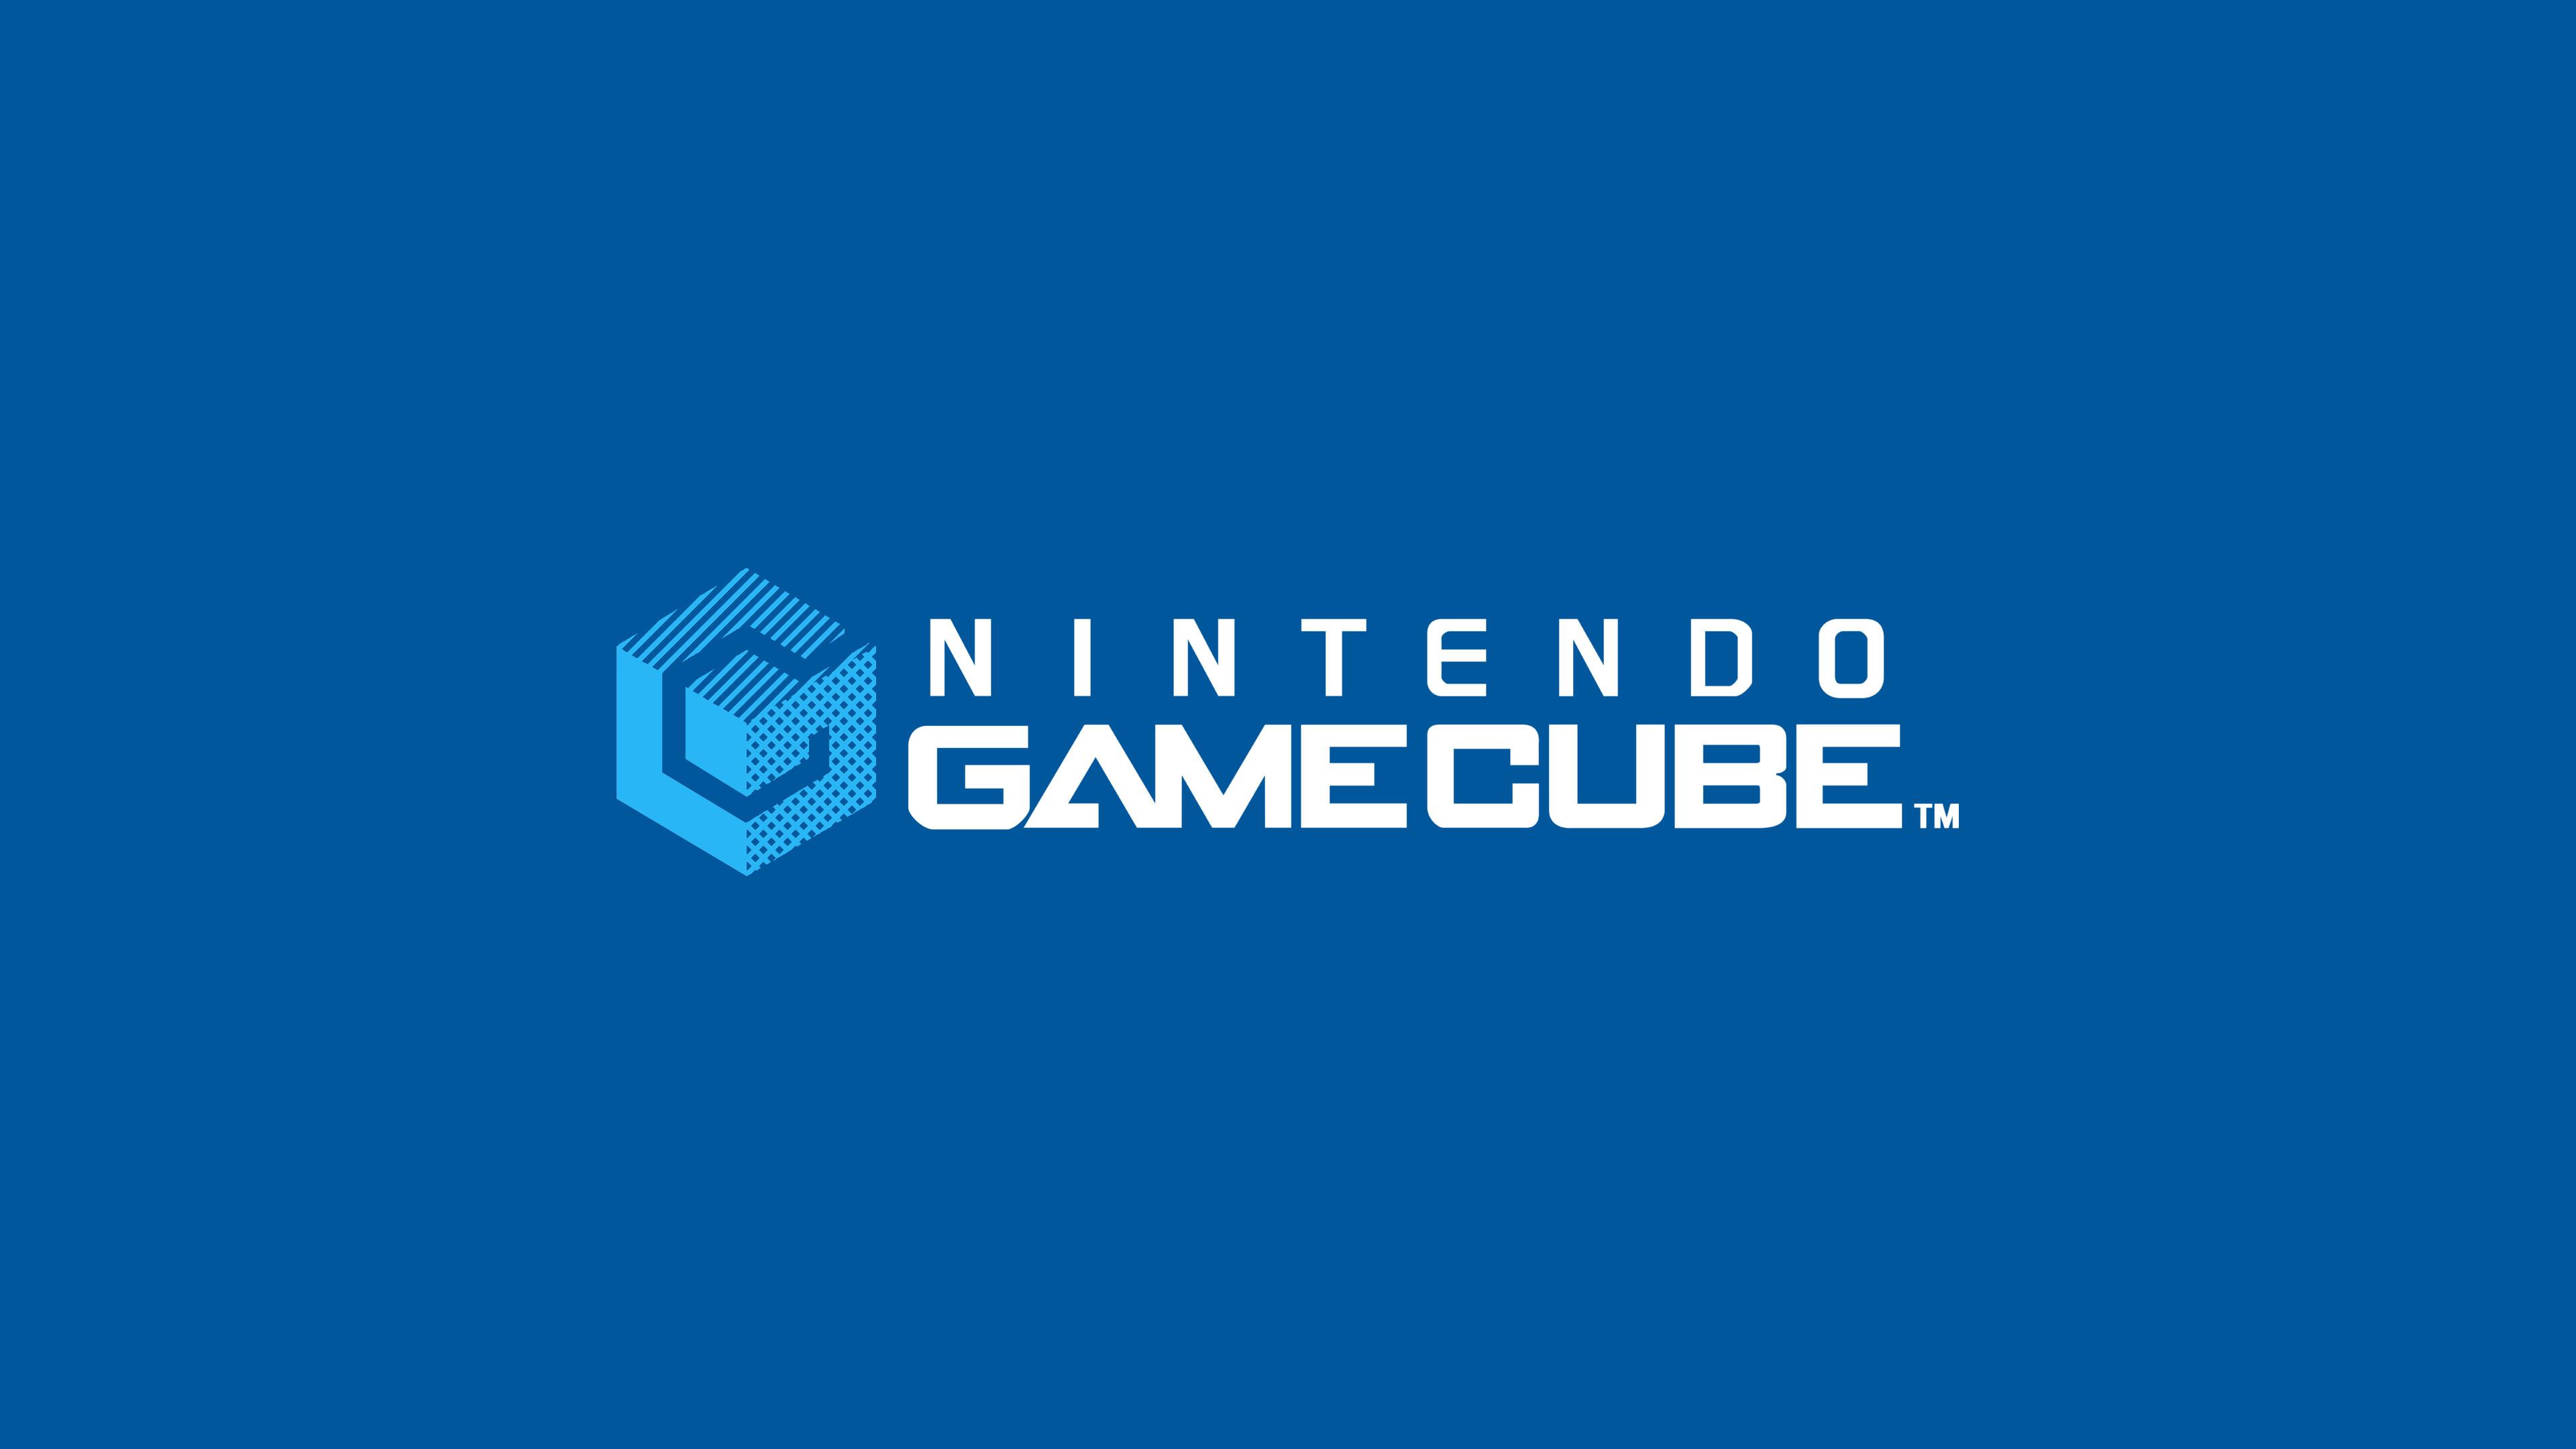 Nintendo Gamecube Widescreen Logo Wallpaper 61654